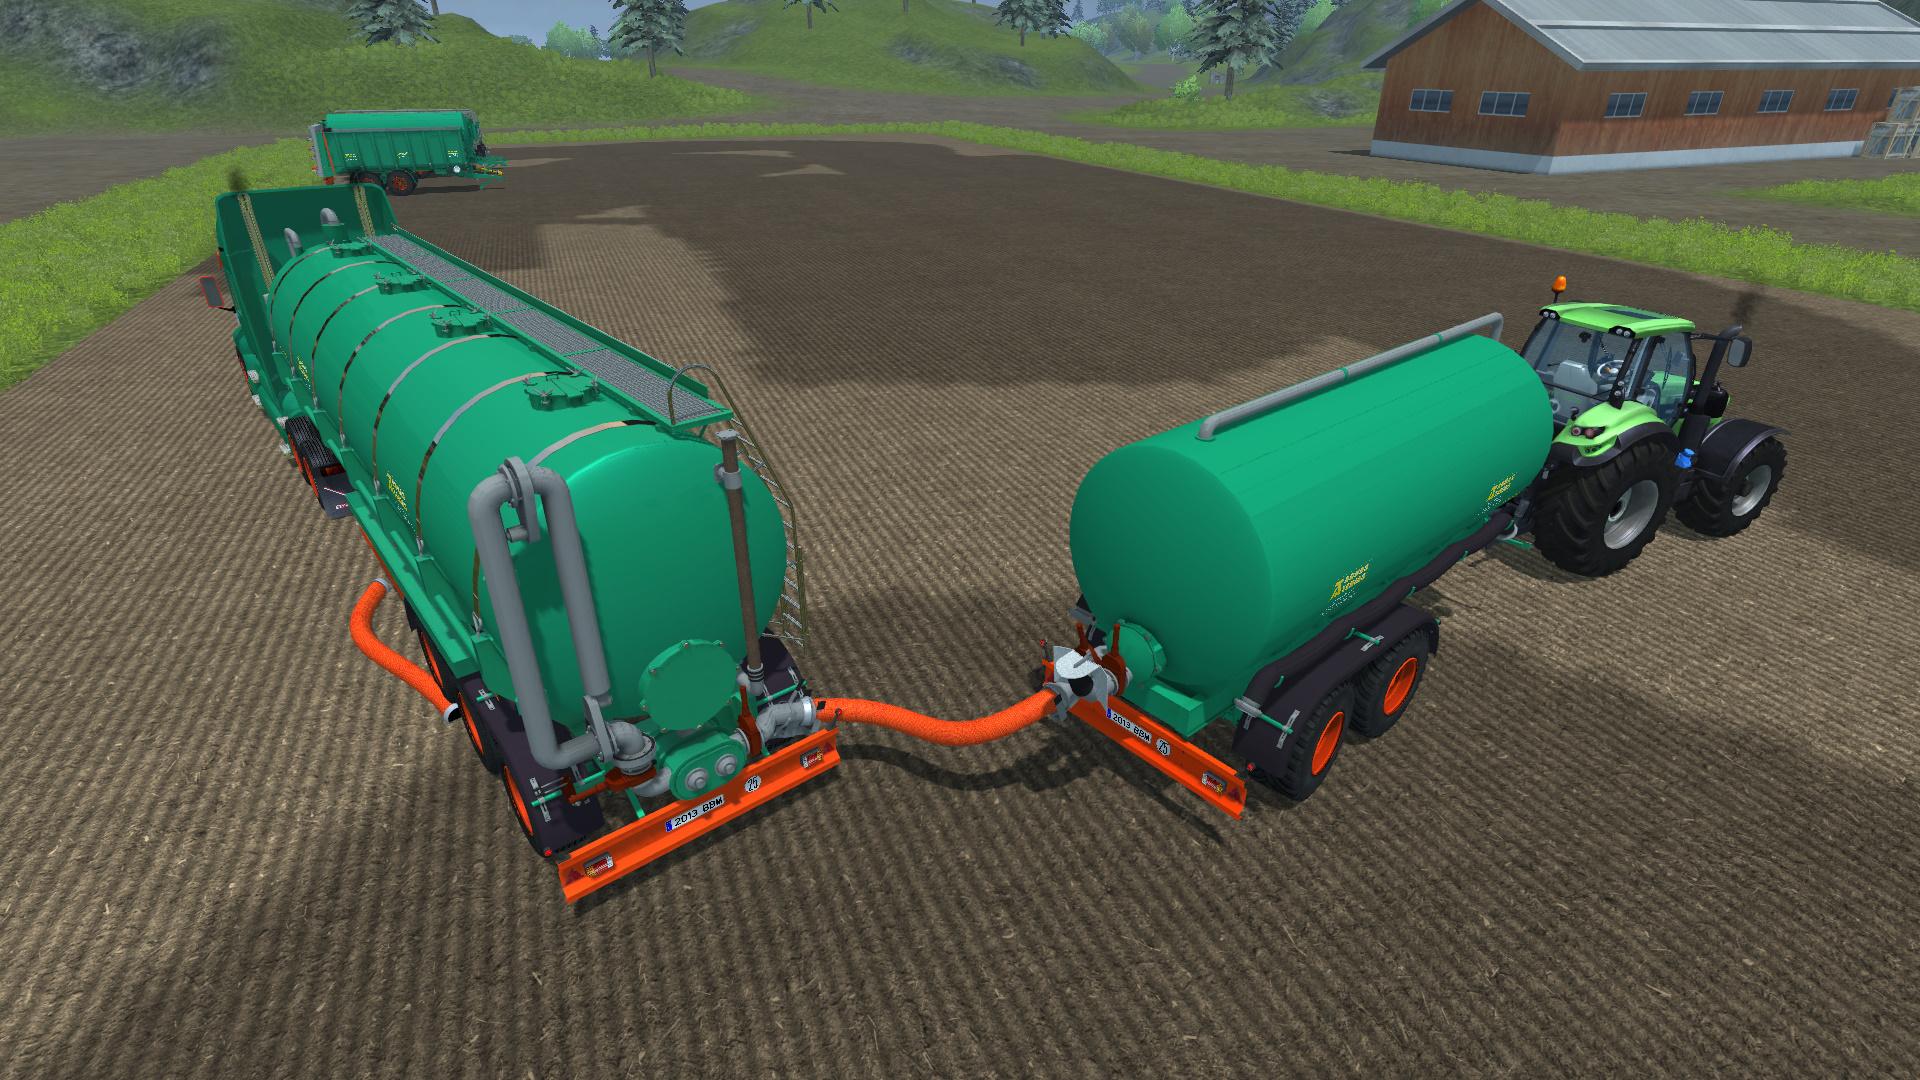 [Encuesta][T.E.P.] Proyecto Aguas Tenias (22 modelos + 1 Camión) [Terminado 21-4-2014]. - Página 11 Farmingsimulator2013gccucx